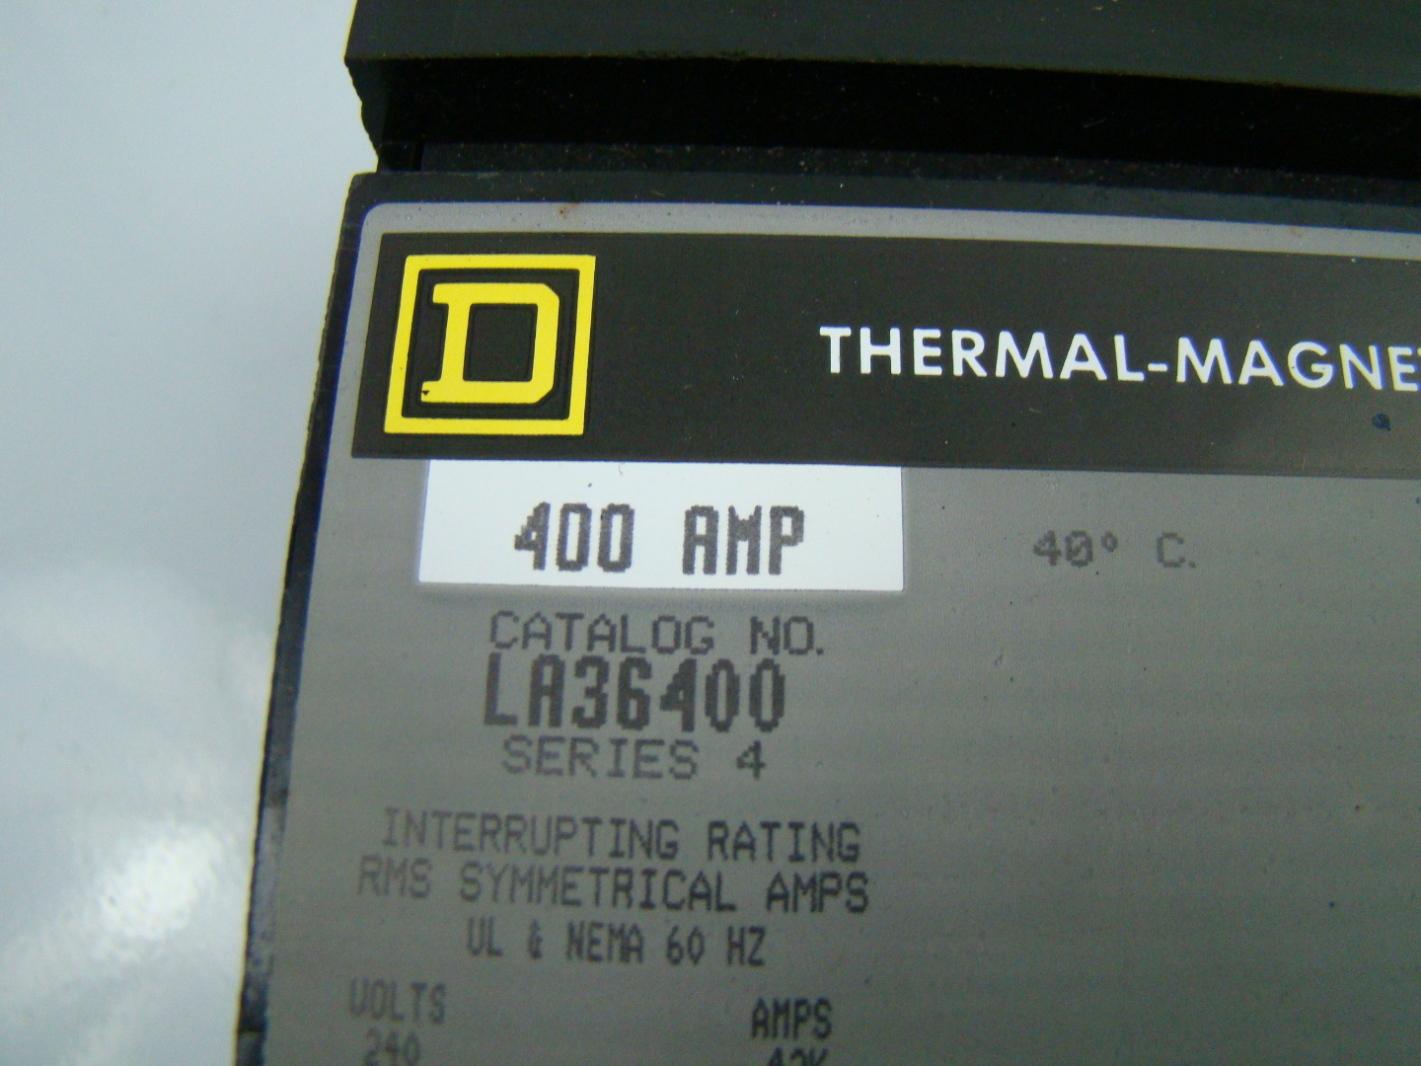 Square D Circuit Breaker 600v 400amp La36400 Ebay